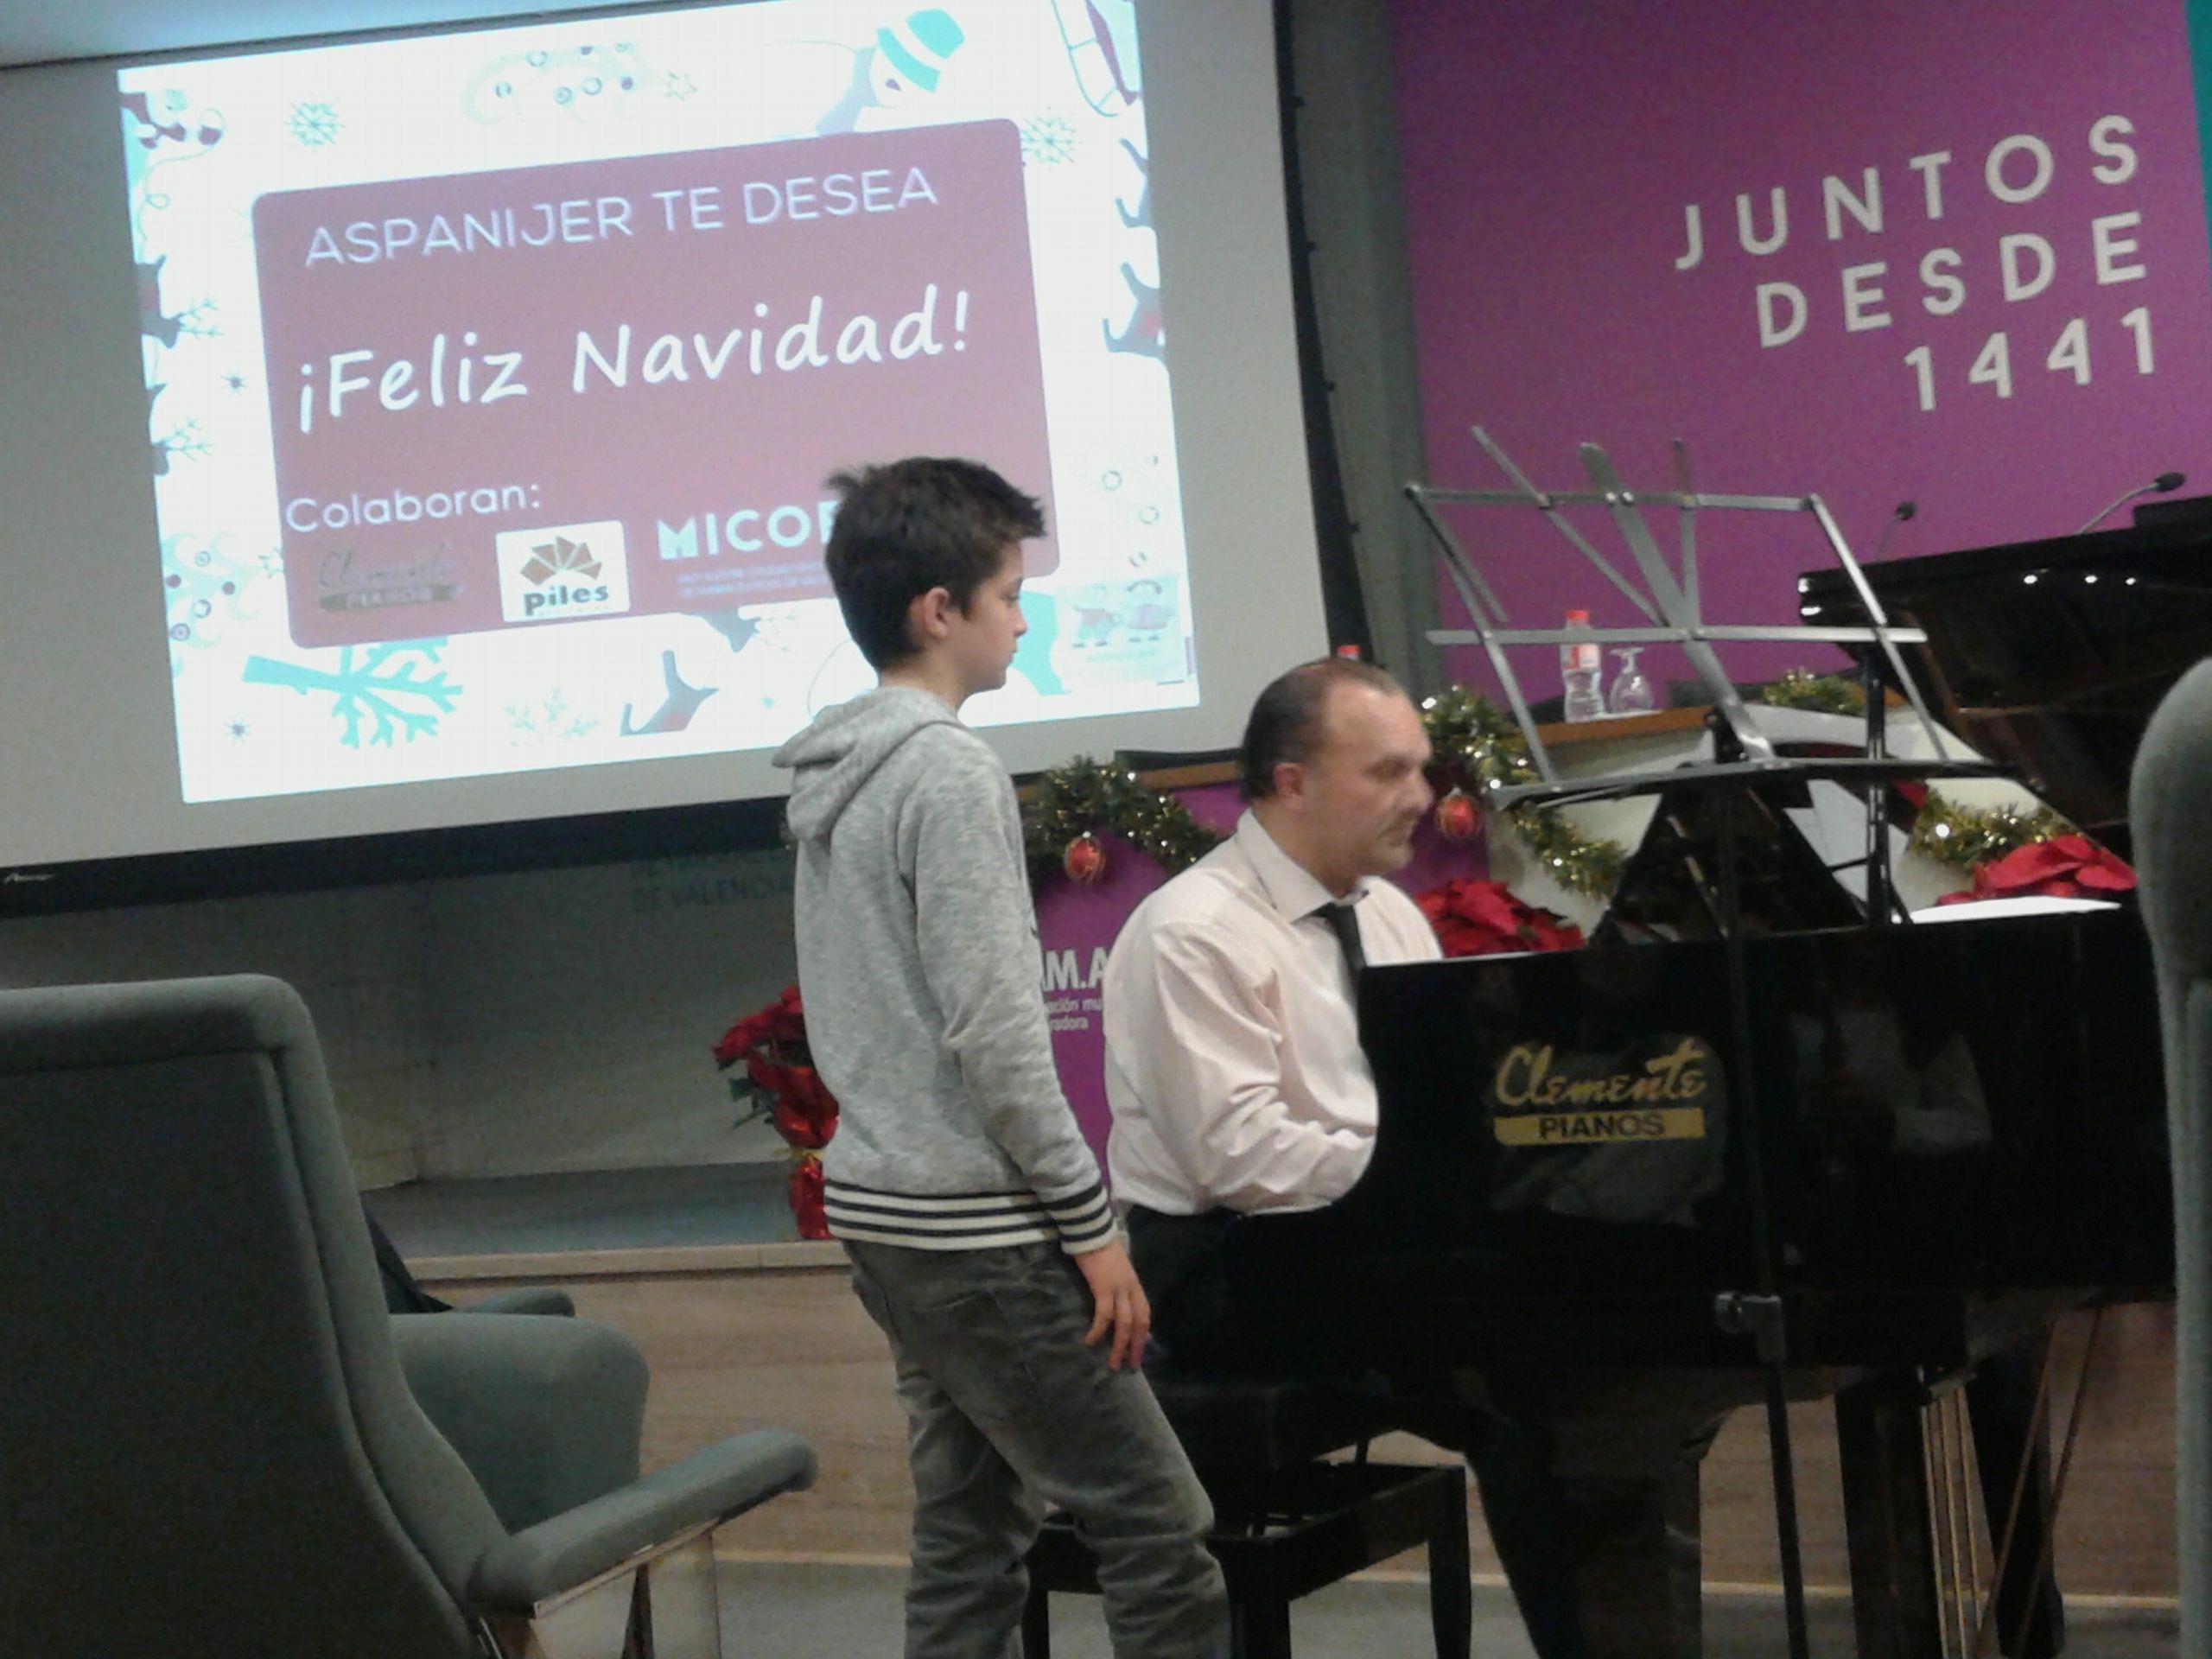 concierto_navidad_aspanijer2 Fiebre Mediterránea Familiar